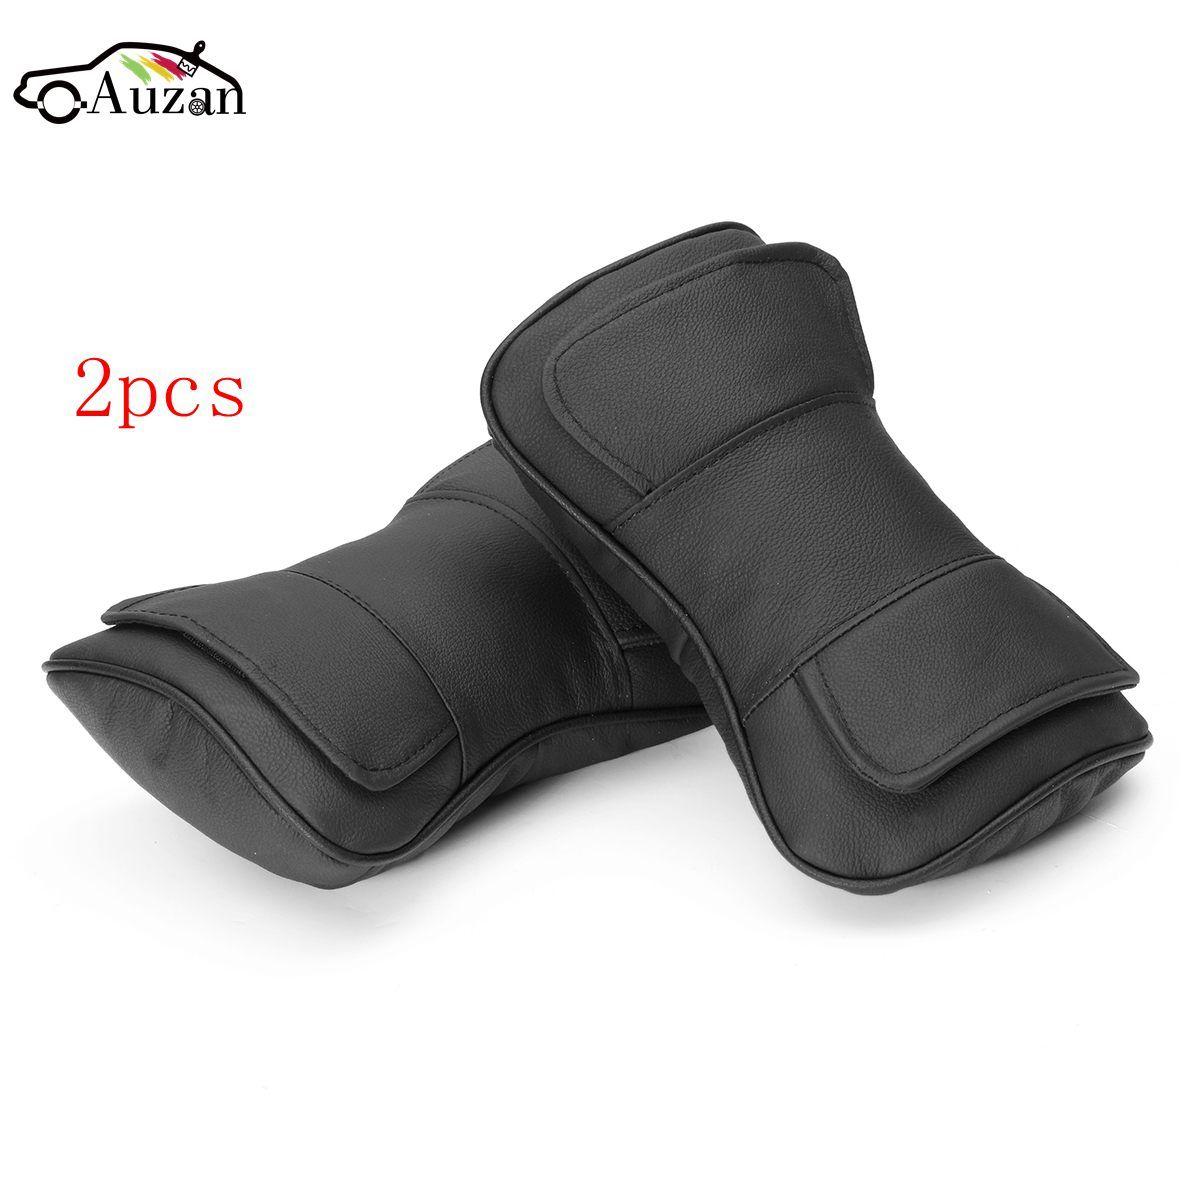 2pcs Car Neck Pillow Double Layer Leather Auto Car Seat Headrest Pad Neck Bone Pillow Cushion